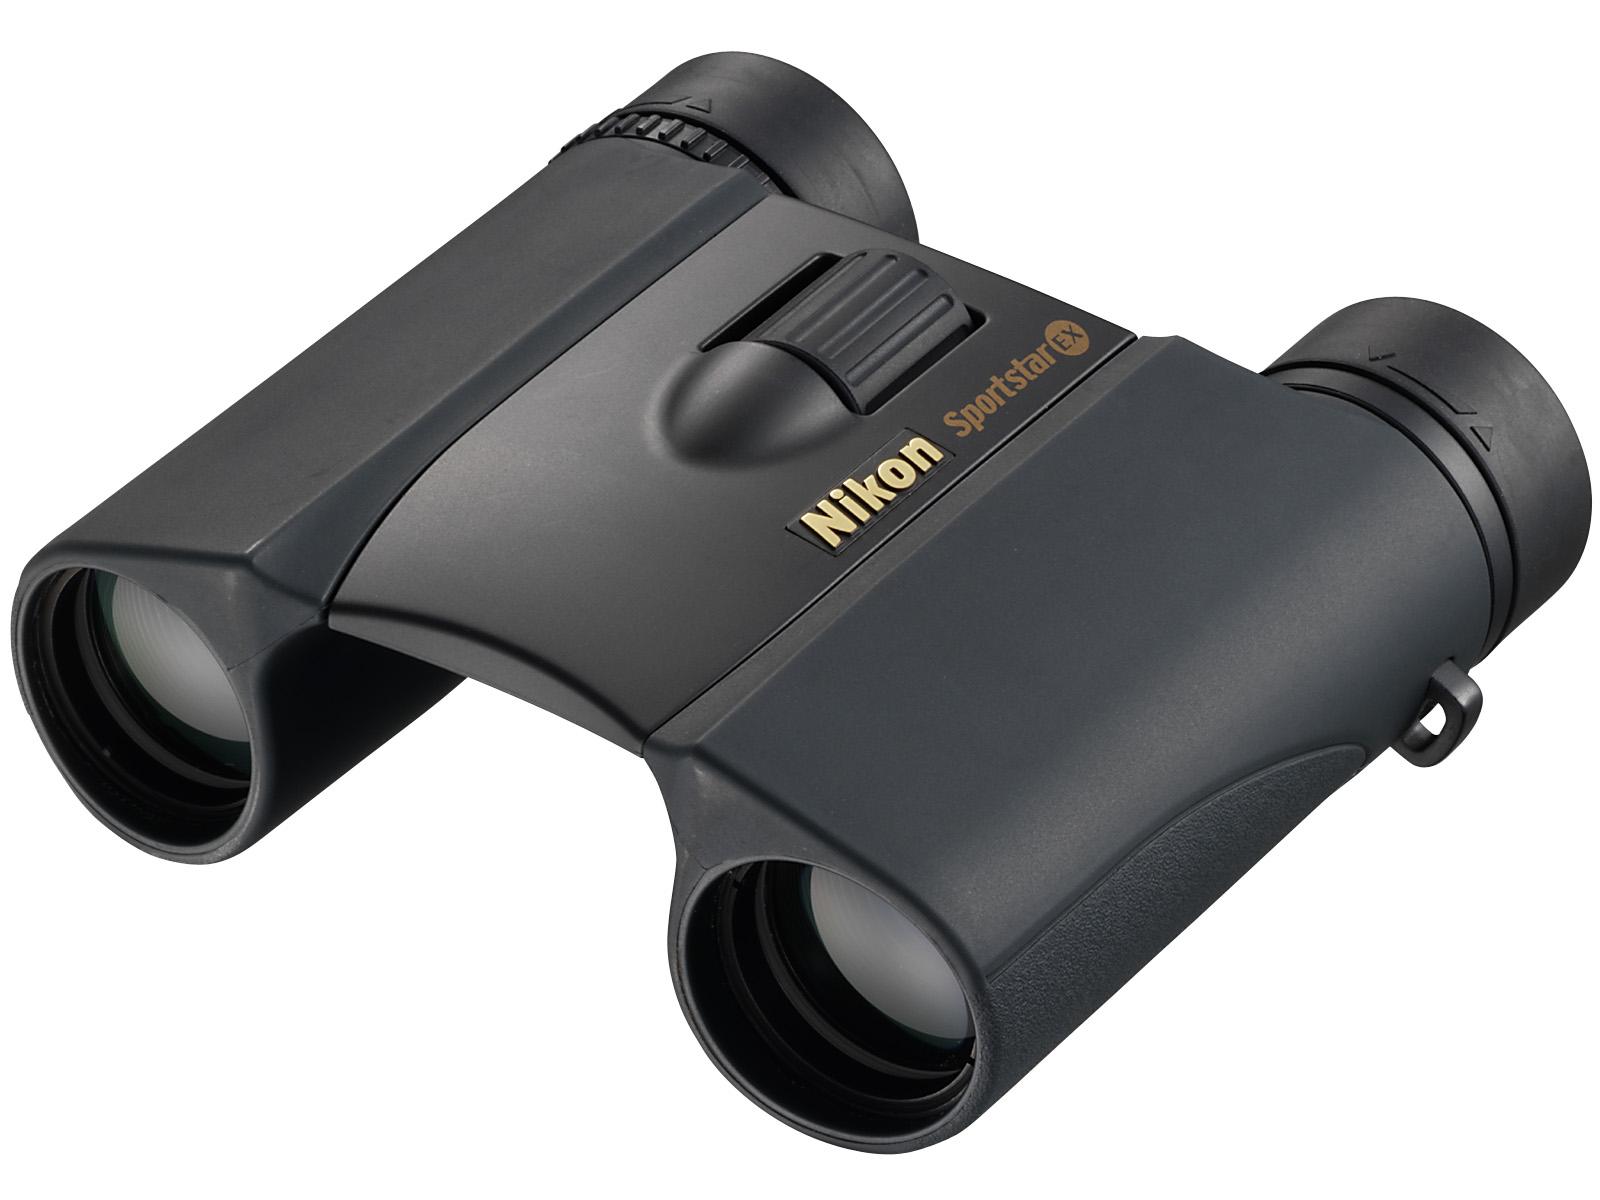 nikon-sportstar-ex-binoculars-charcoal-grey-baa711aa